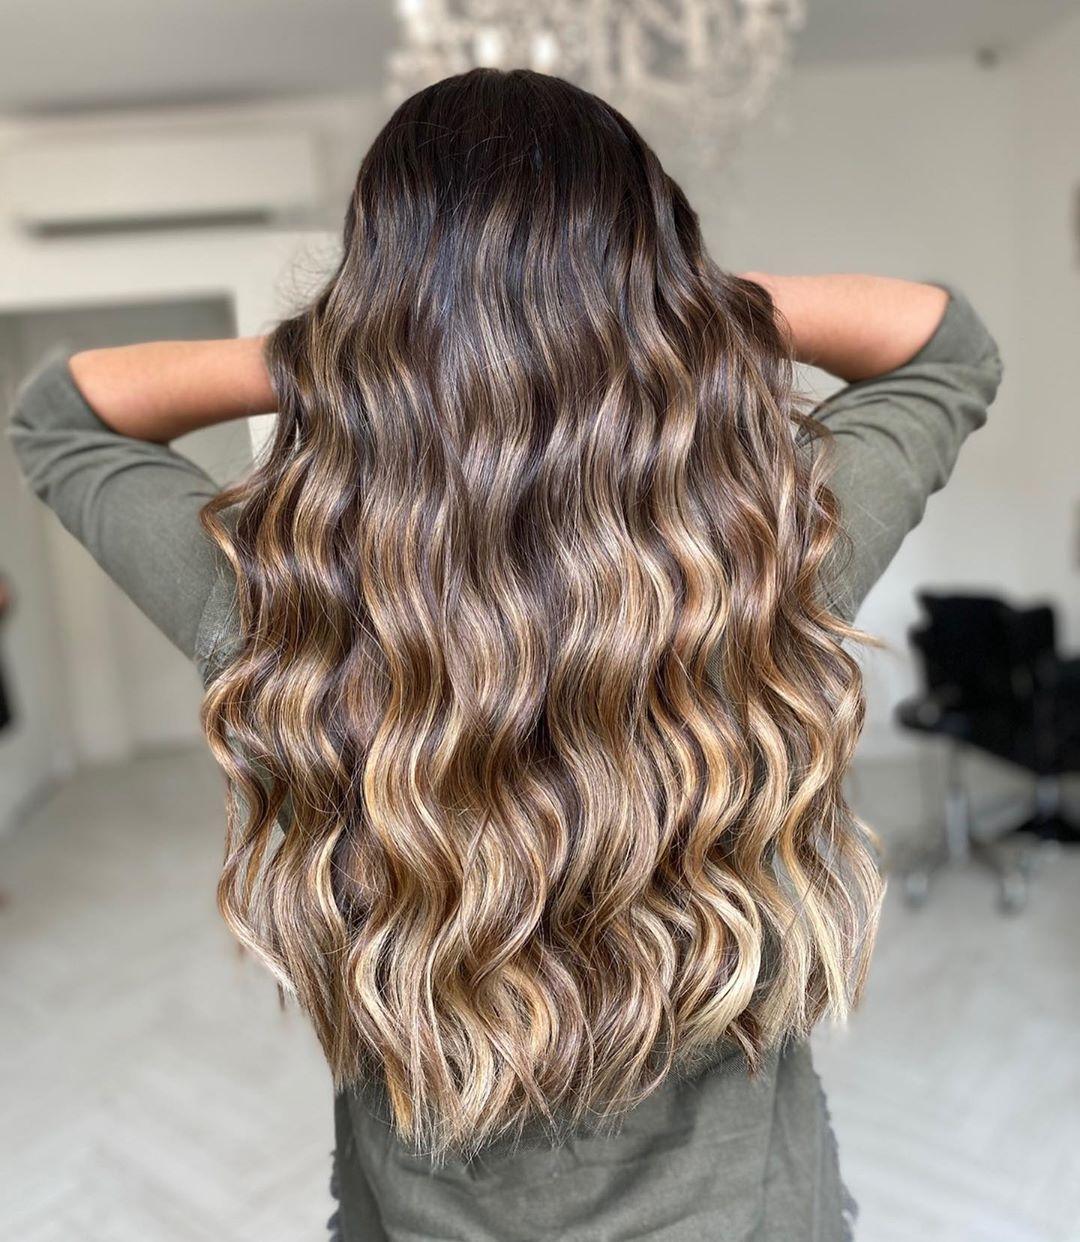 1 001 Mentions J Aime 9 Commentaires Le Salon De Naelle Lesalondenaelle Sur Instagram Voici Un Joli Ombre Miel Beige Sur Une Hair Styles Hair Beauty